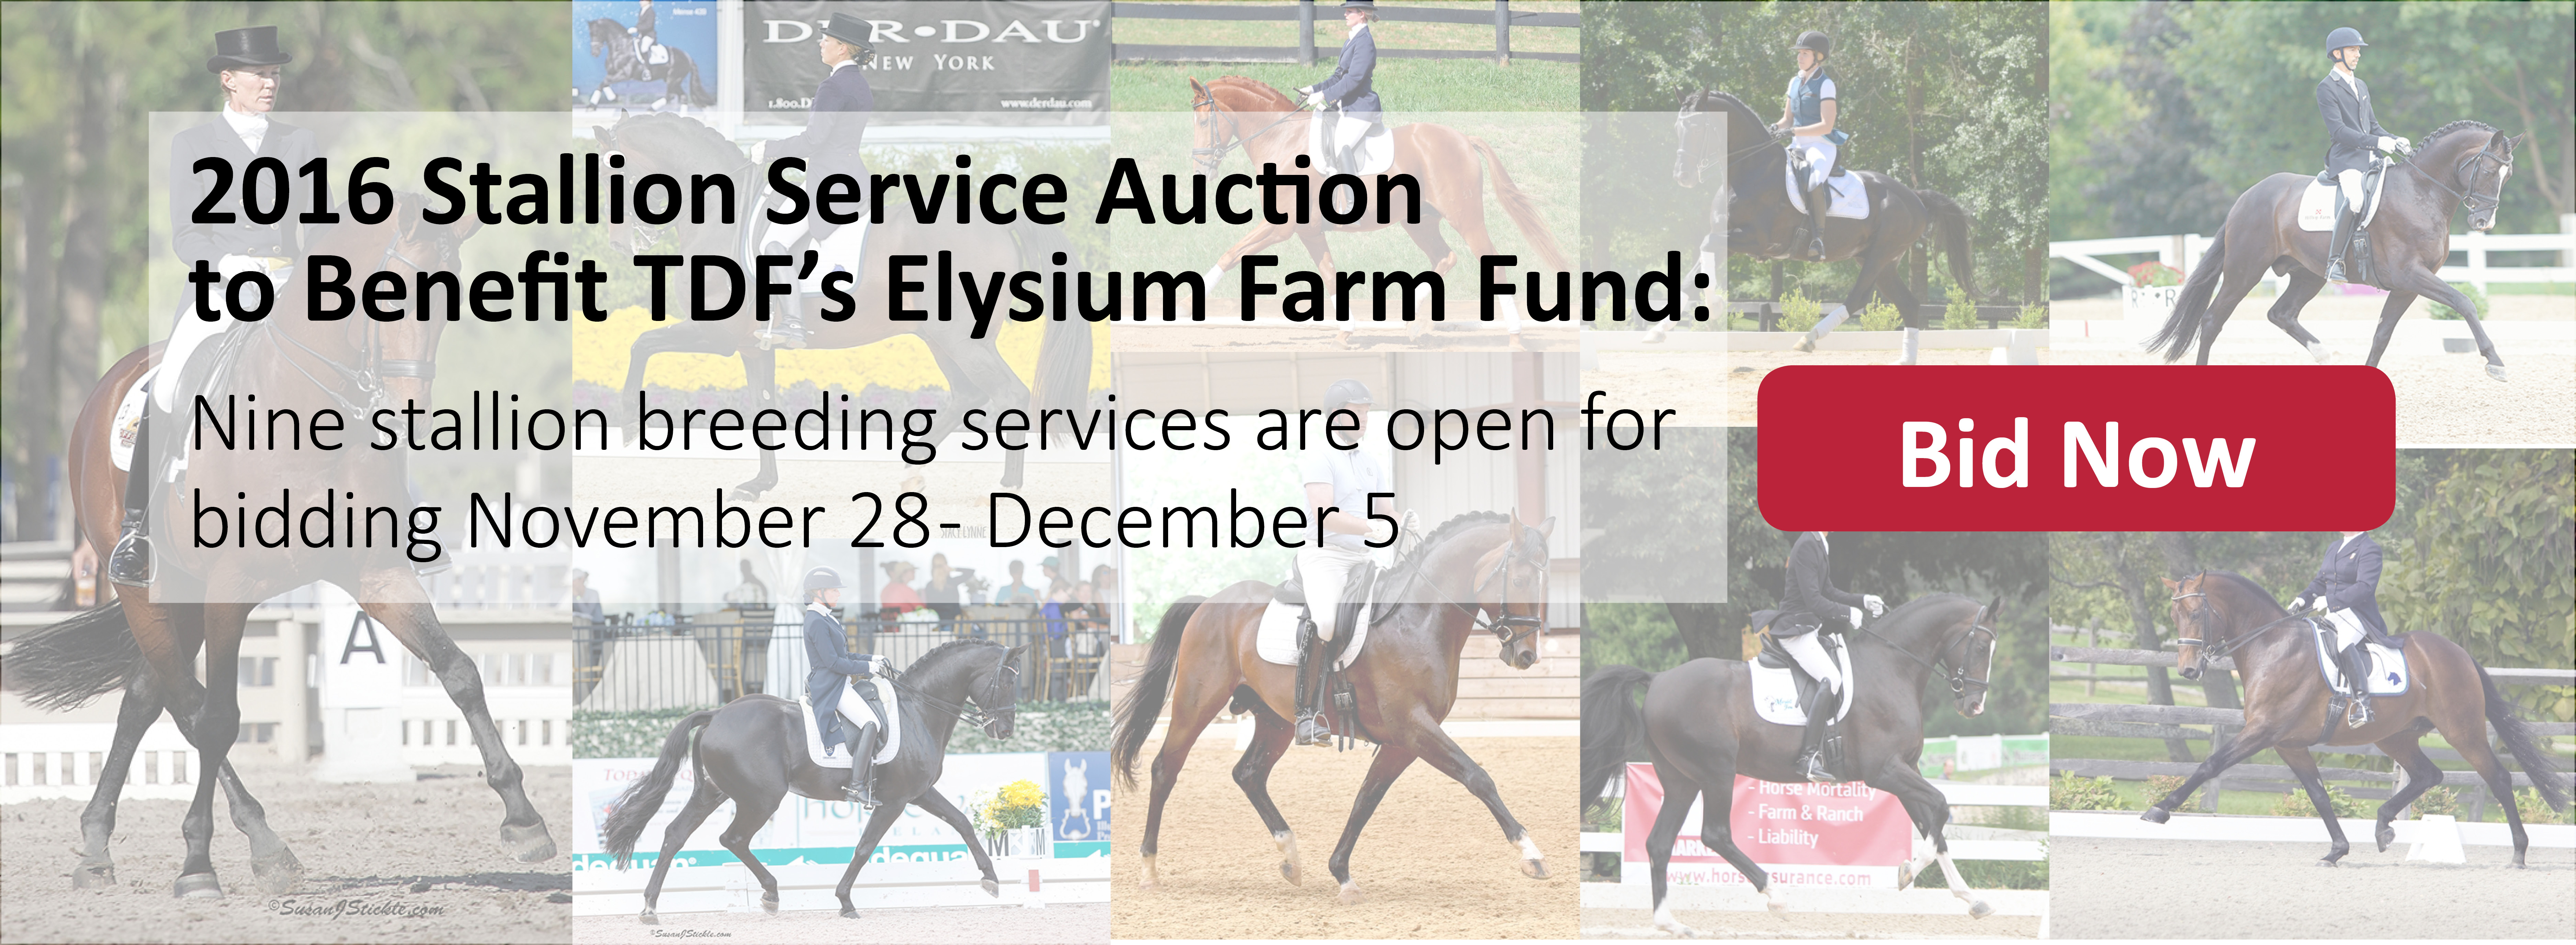 2016 Stallion Service Auction Spotlight